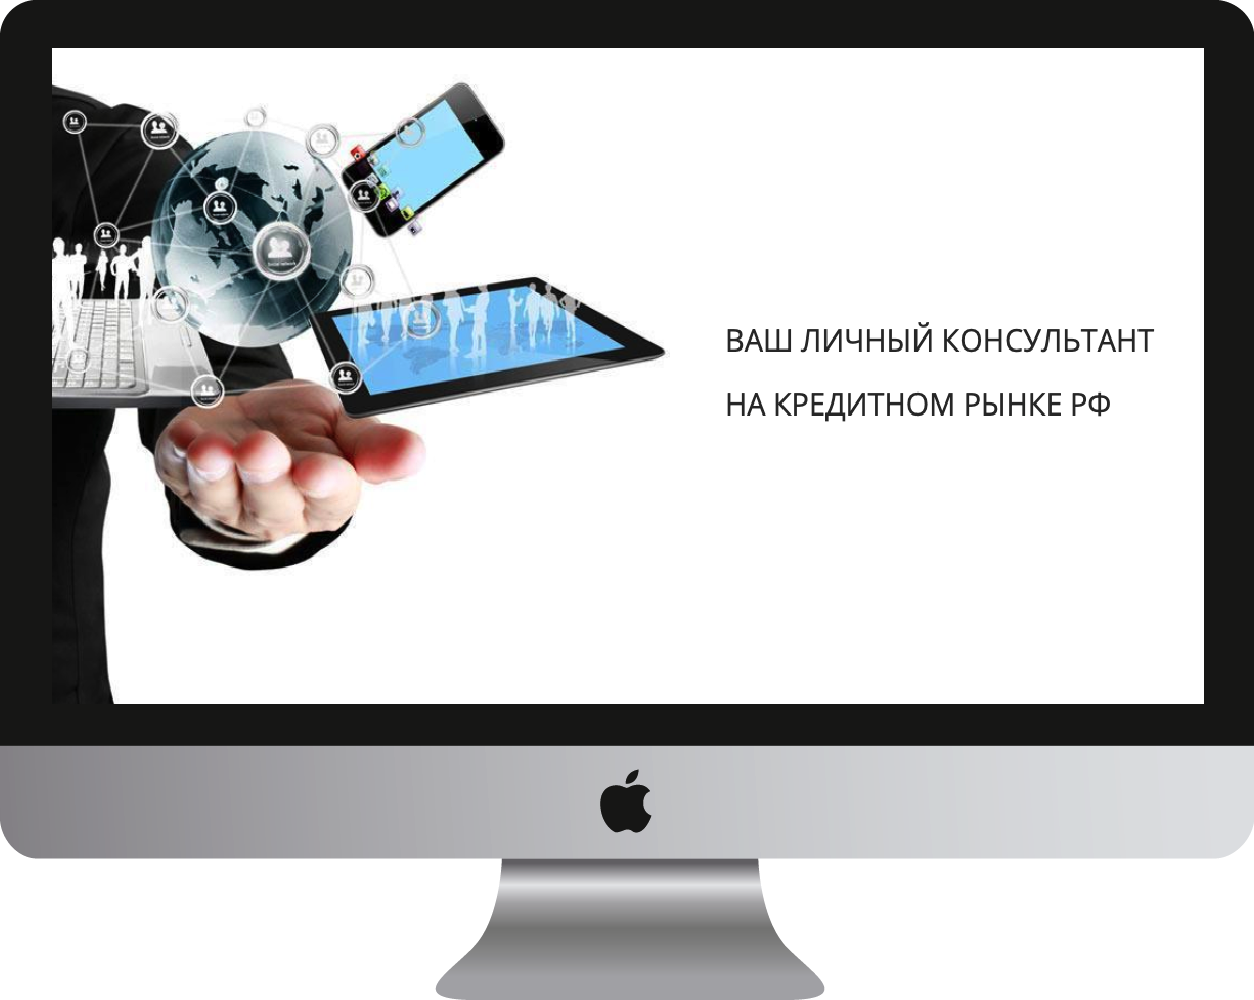 займы под залог недвижимости красноярск от частных лиц кредит наличными онлайн рубцовск